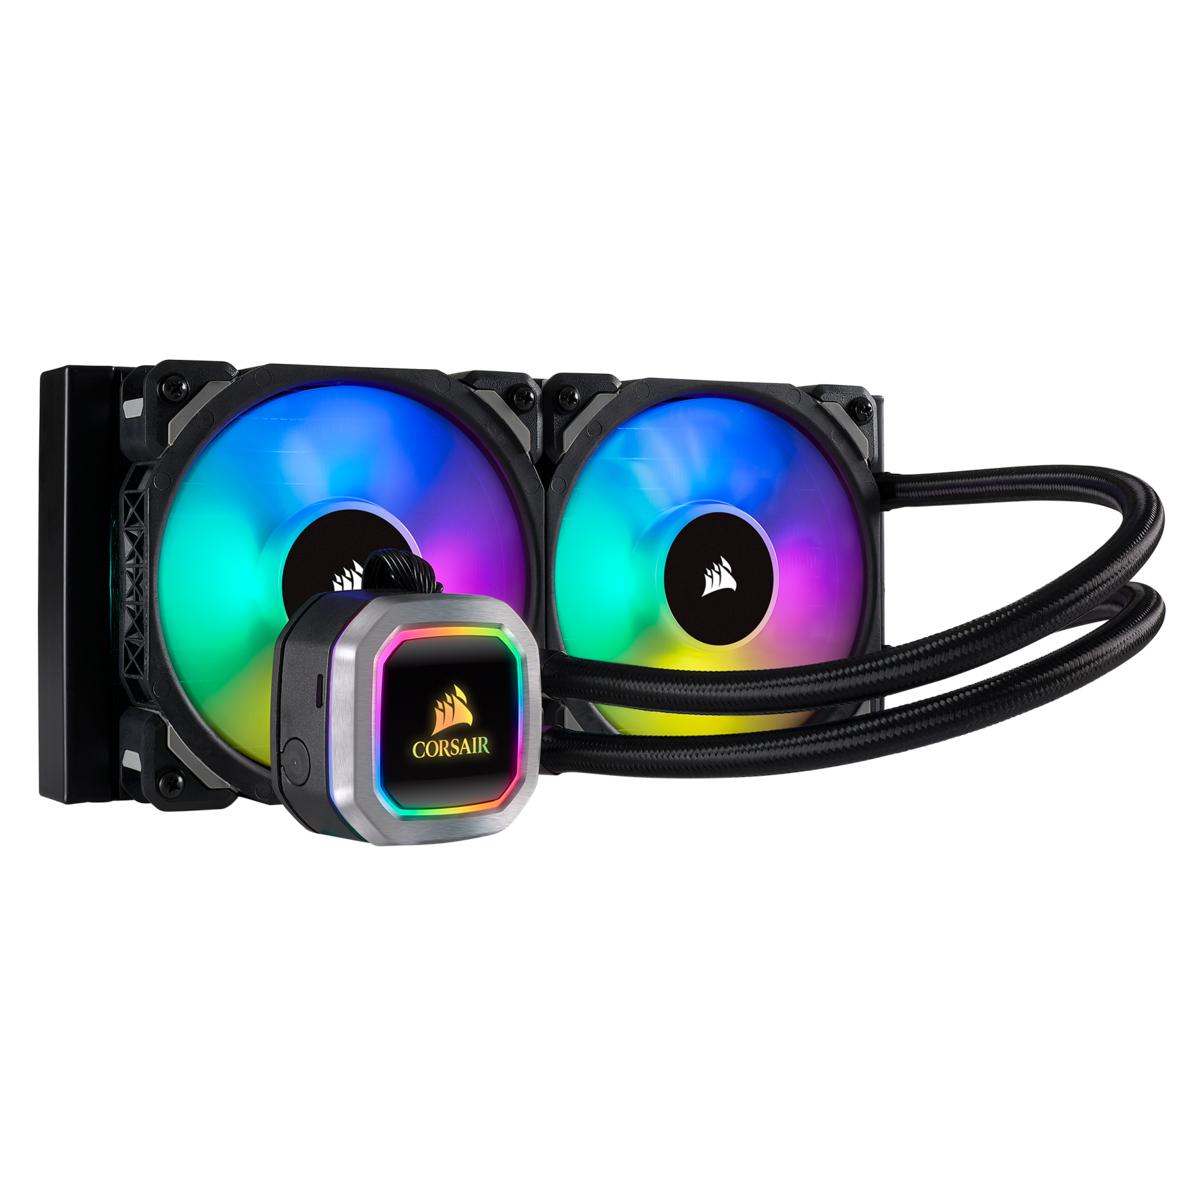 CORSAIR H100I COMPUTER LIQUID COOLING PROCESSOR